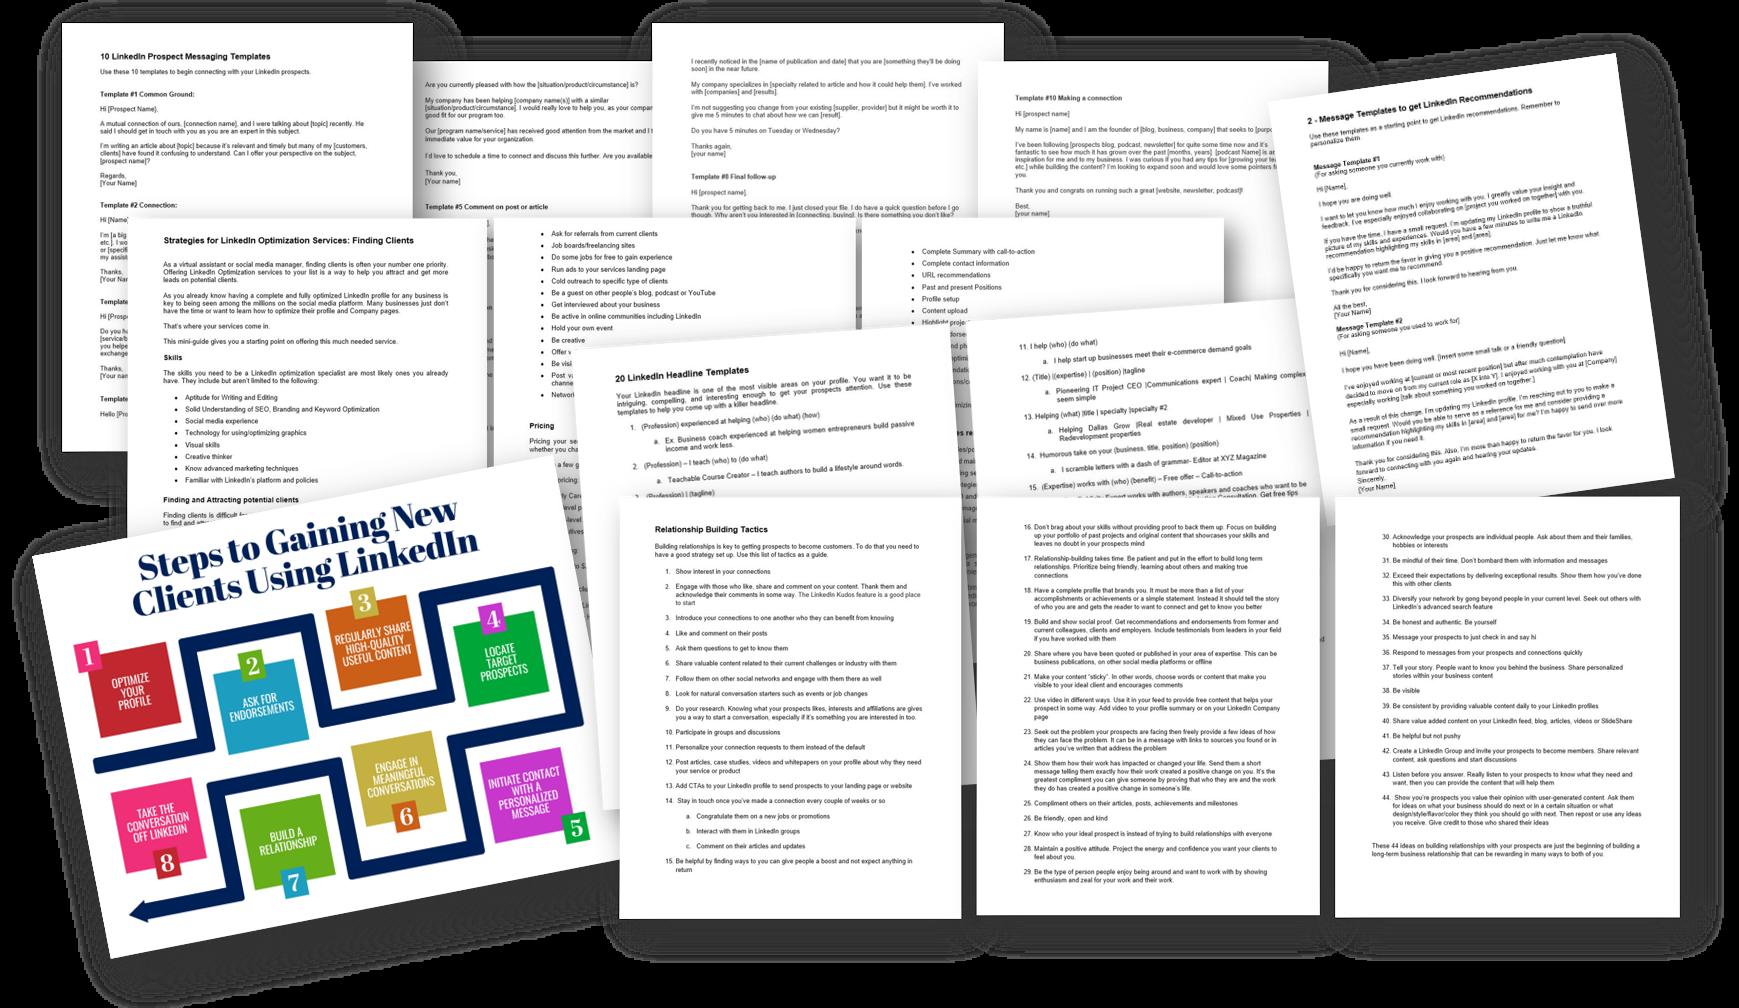 Advanced LinkedIn Client Prospecting Tactics and Tools